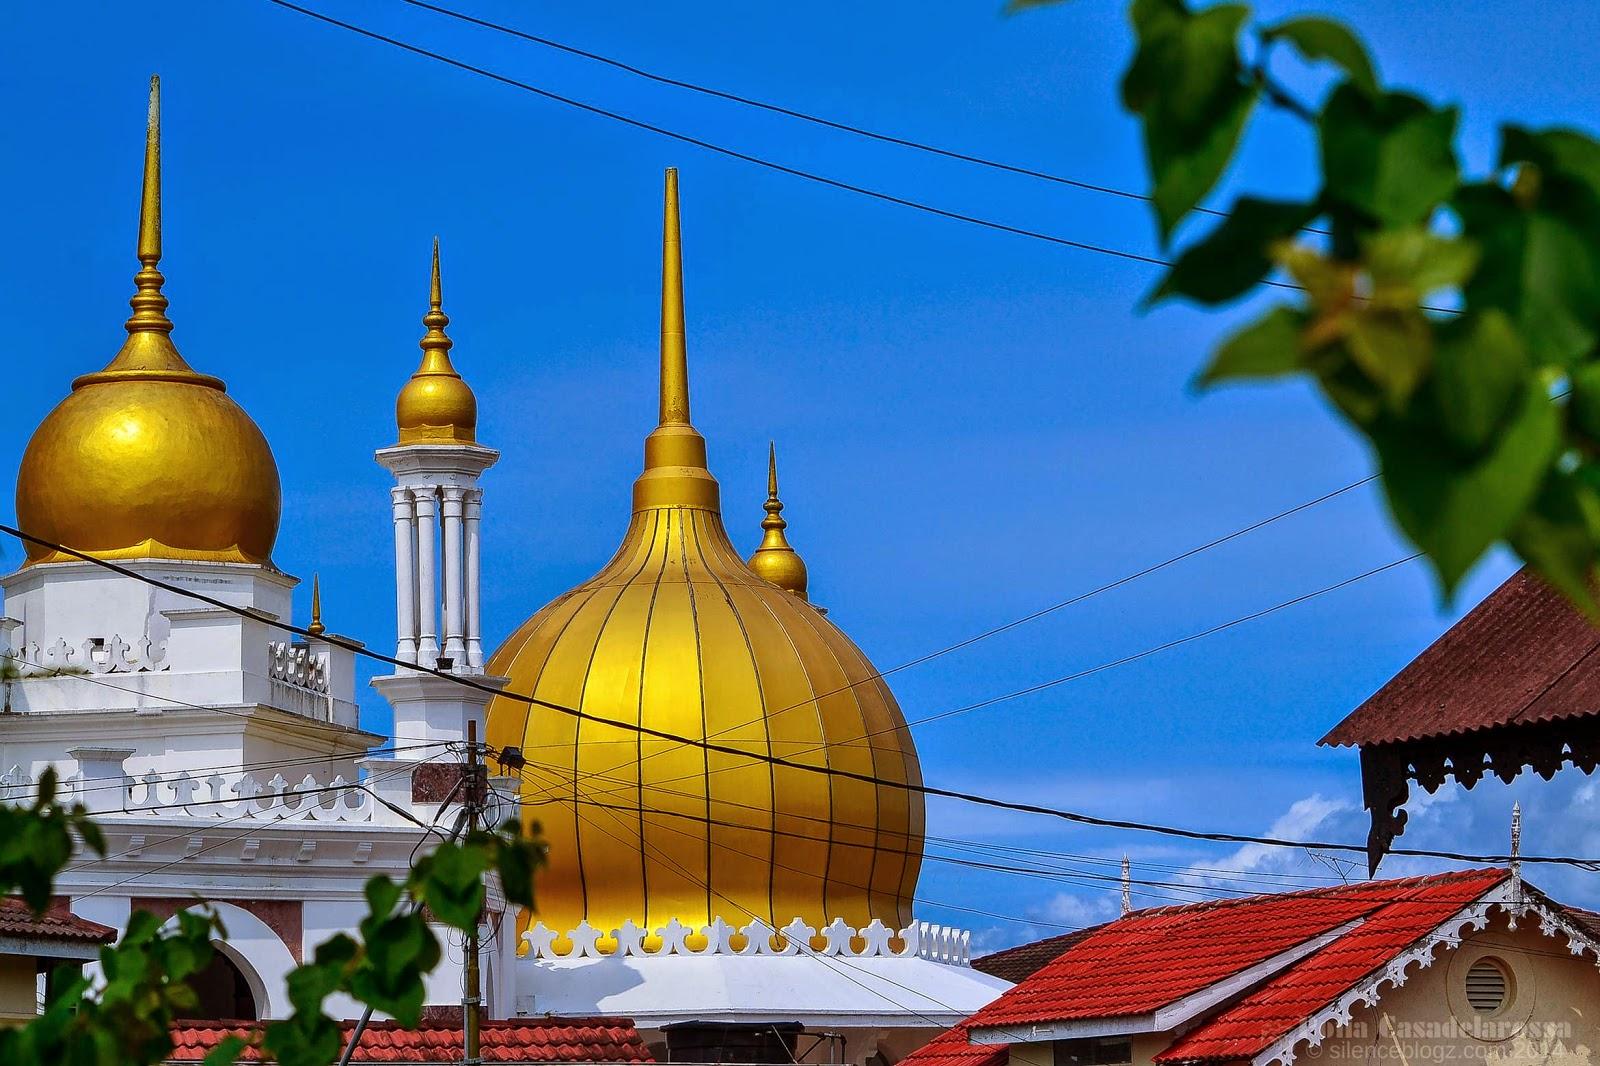 Gambar kubah berwarna keemasan Masjid Ubudiah